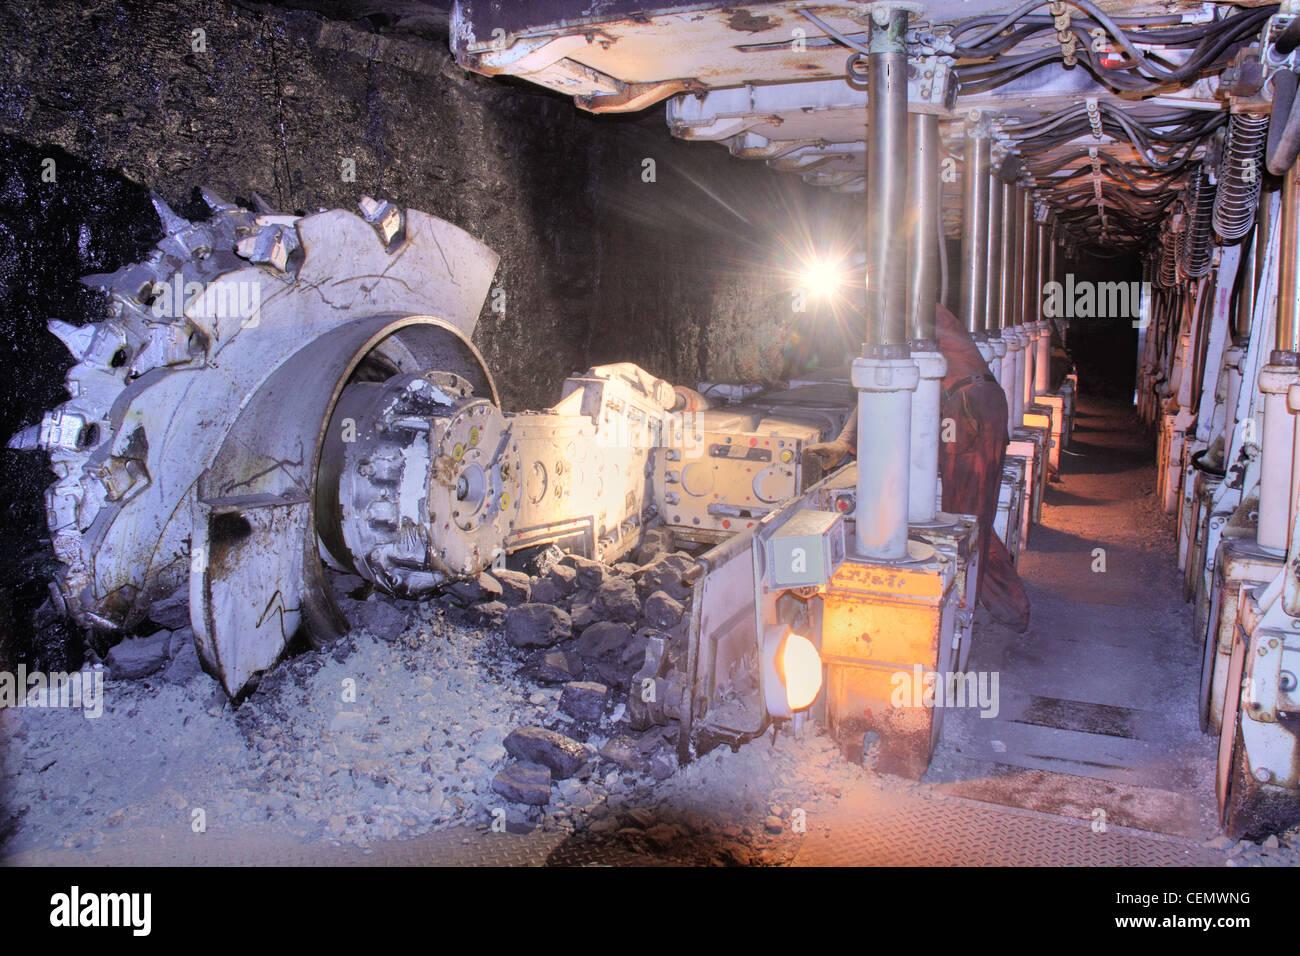 Coalface Cutting Machine Midlothian Mining Mine Museum, Scotland UK - Stock Image